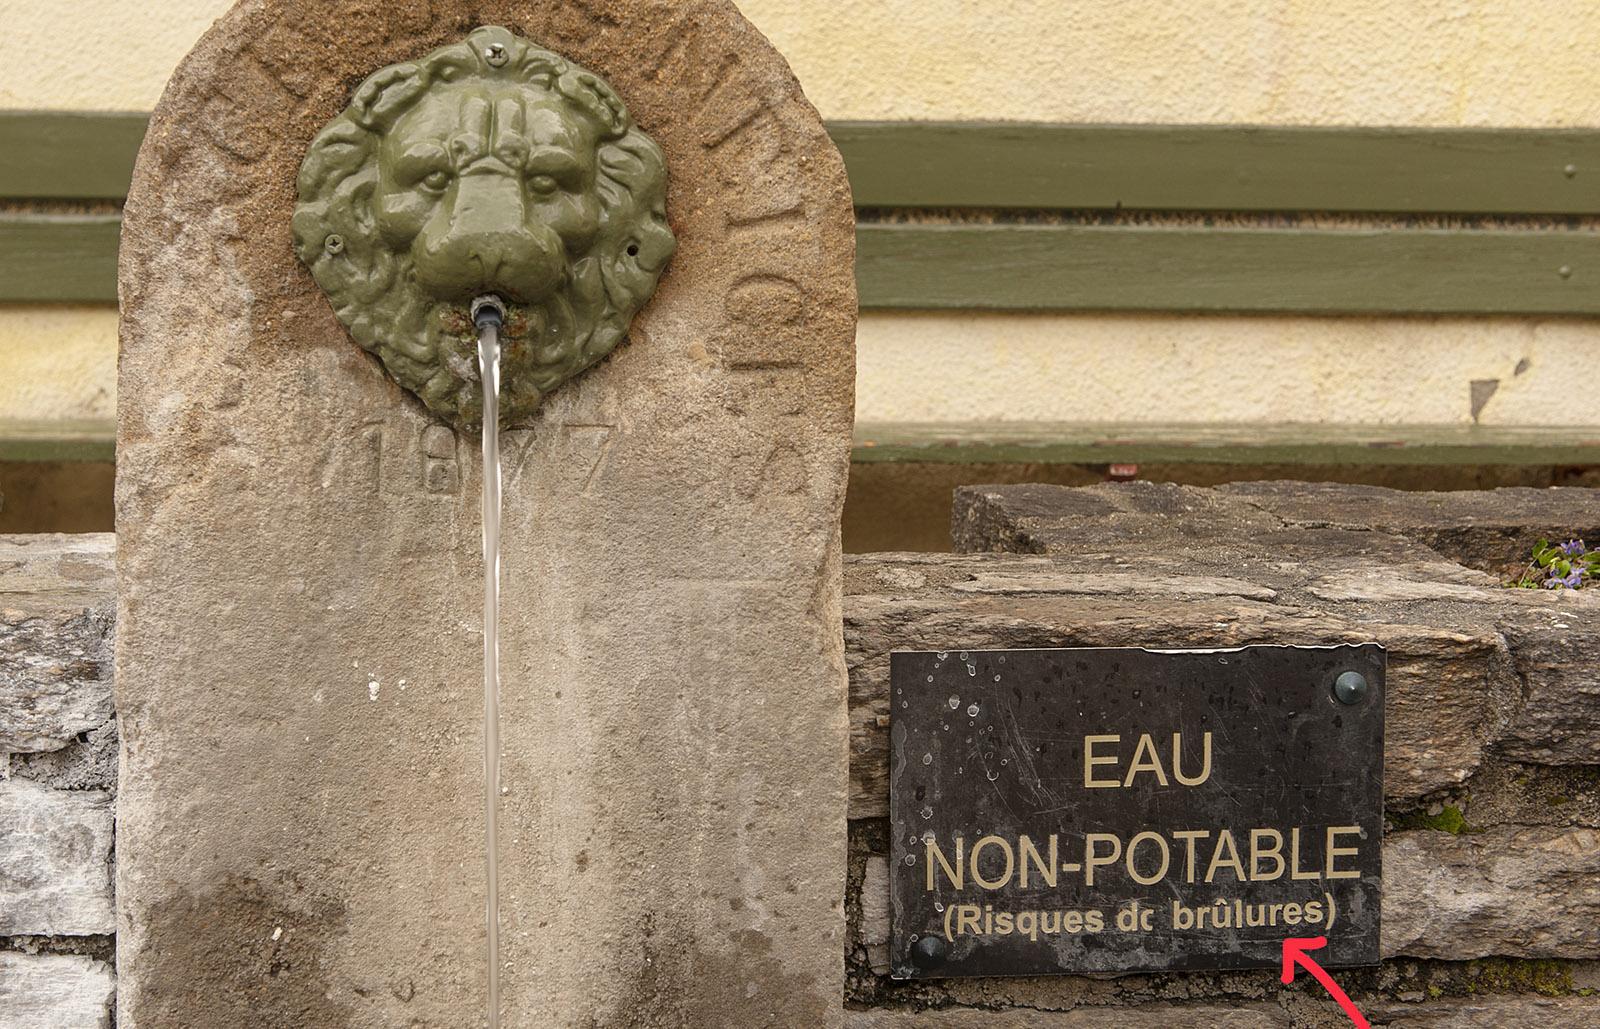 Richtig heiß ist das Wasser der Brunnen in Ax-les-Thermes. Foto: Hilke Maunder